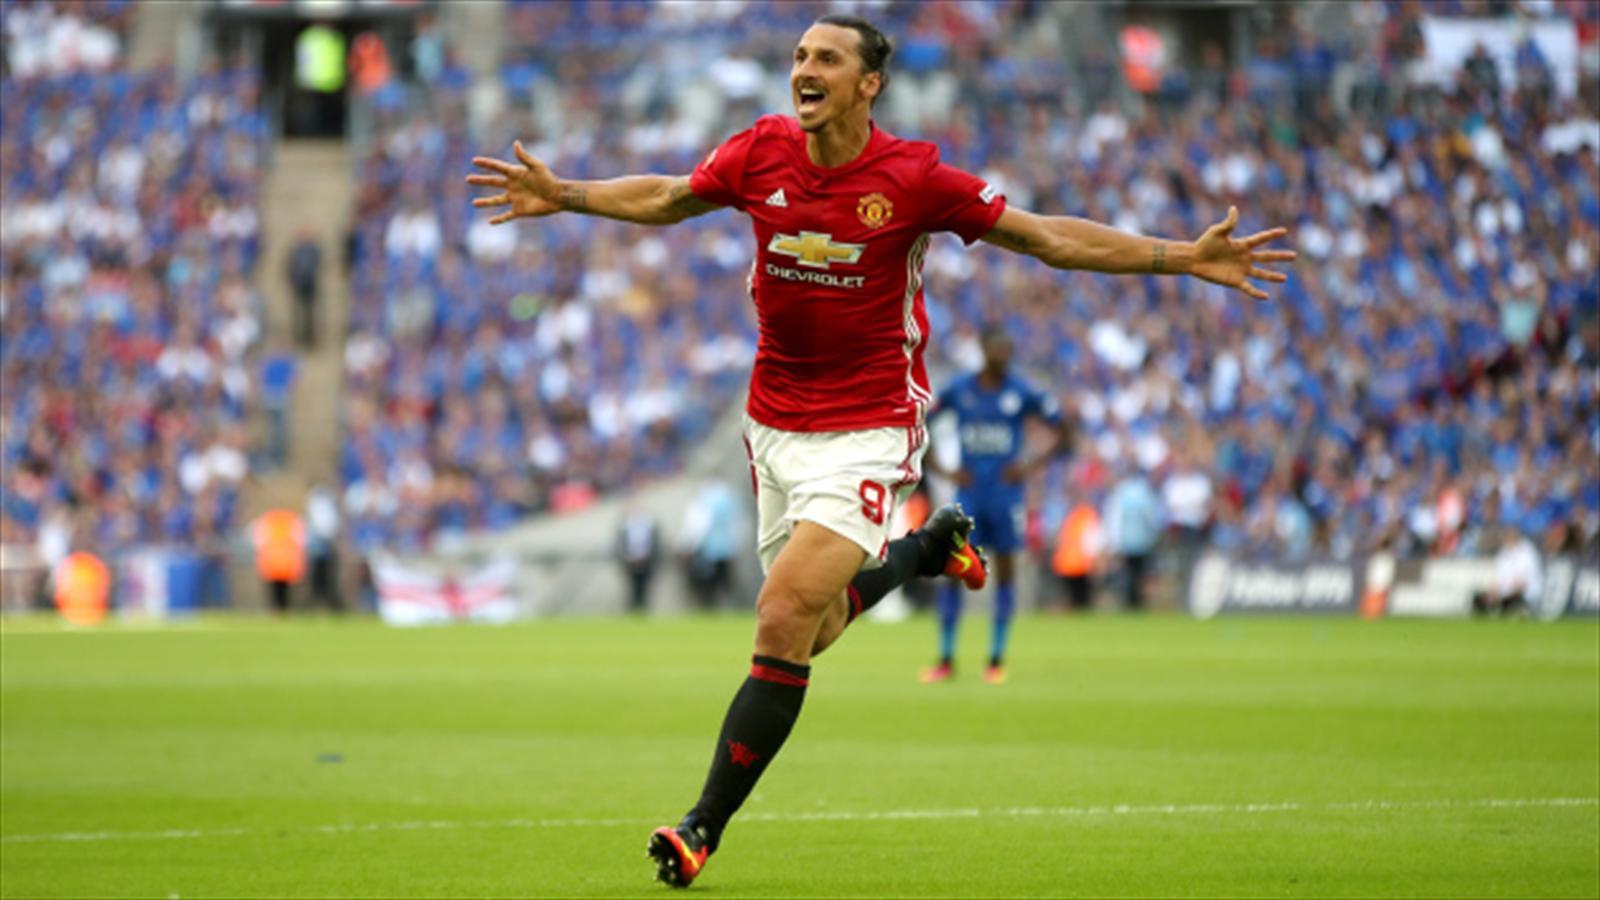 Ibrahimovic subito decisivo: trofeo al Manchester United, Leicester battuto